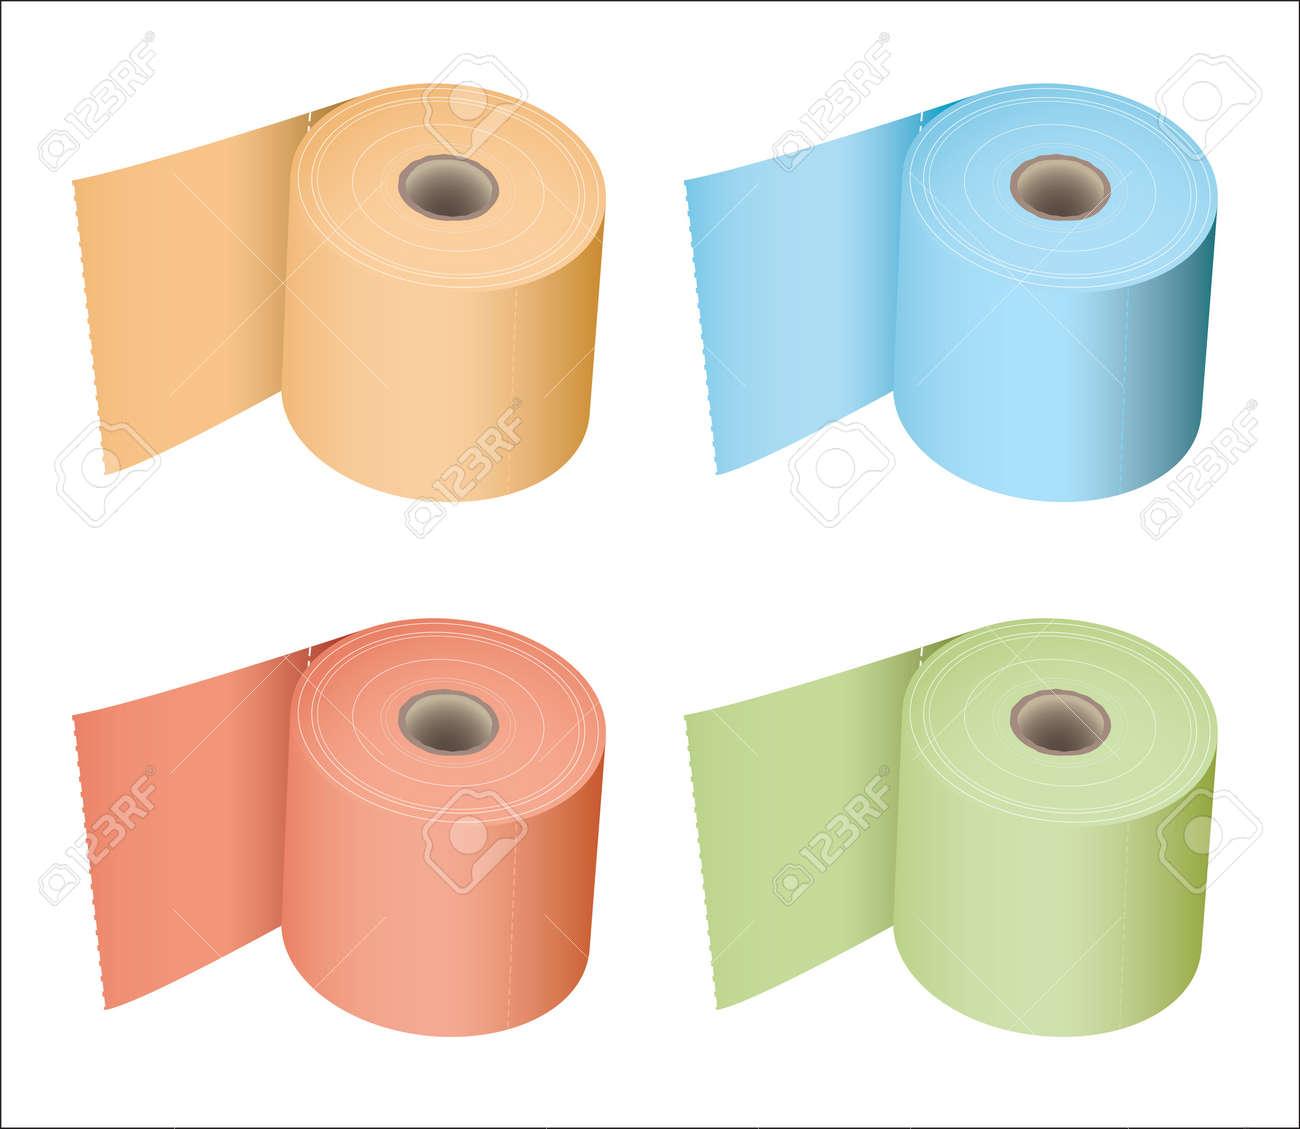 Parfait Banque Du0027images   Rouleau De Papier Toilette Coloré Dans Une Variété De  Tissus De Couleurs Subtiles